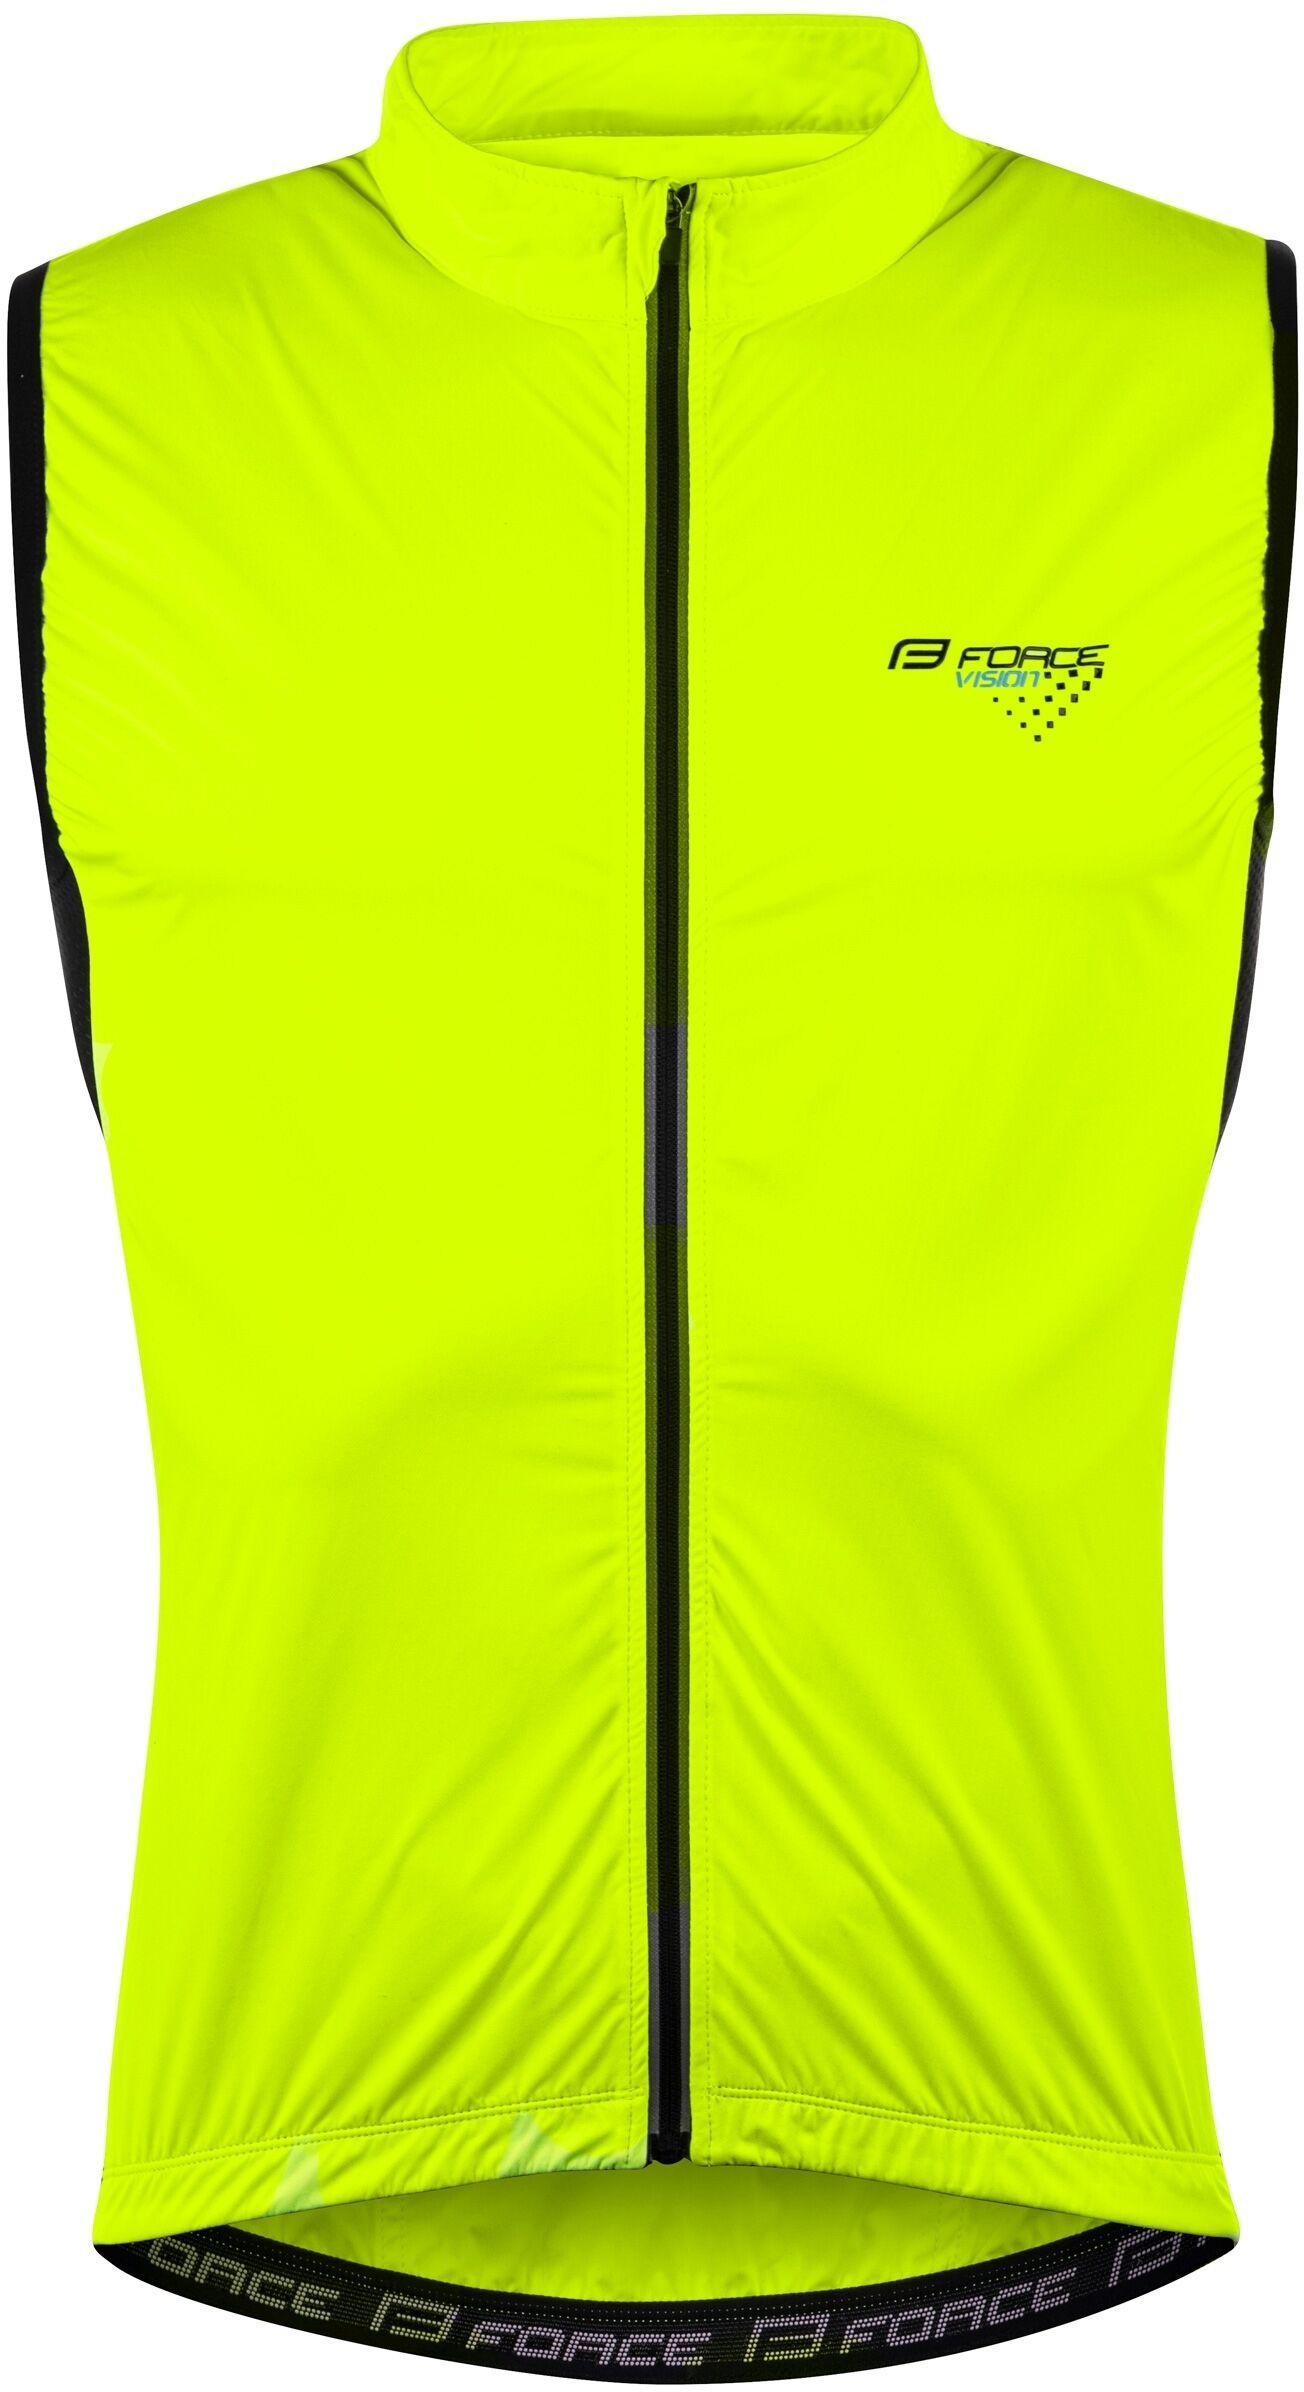 FORCE rowerowa kamizelka wiatroodporna VISION fluo 899640 Rozmiar: XL,vision899640